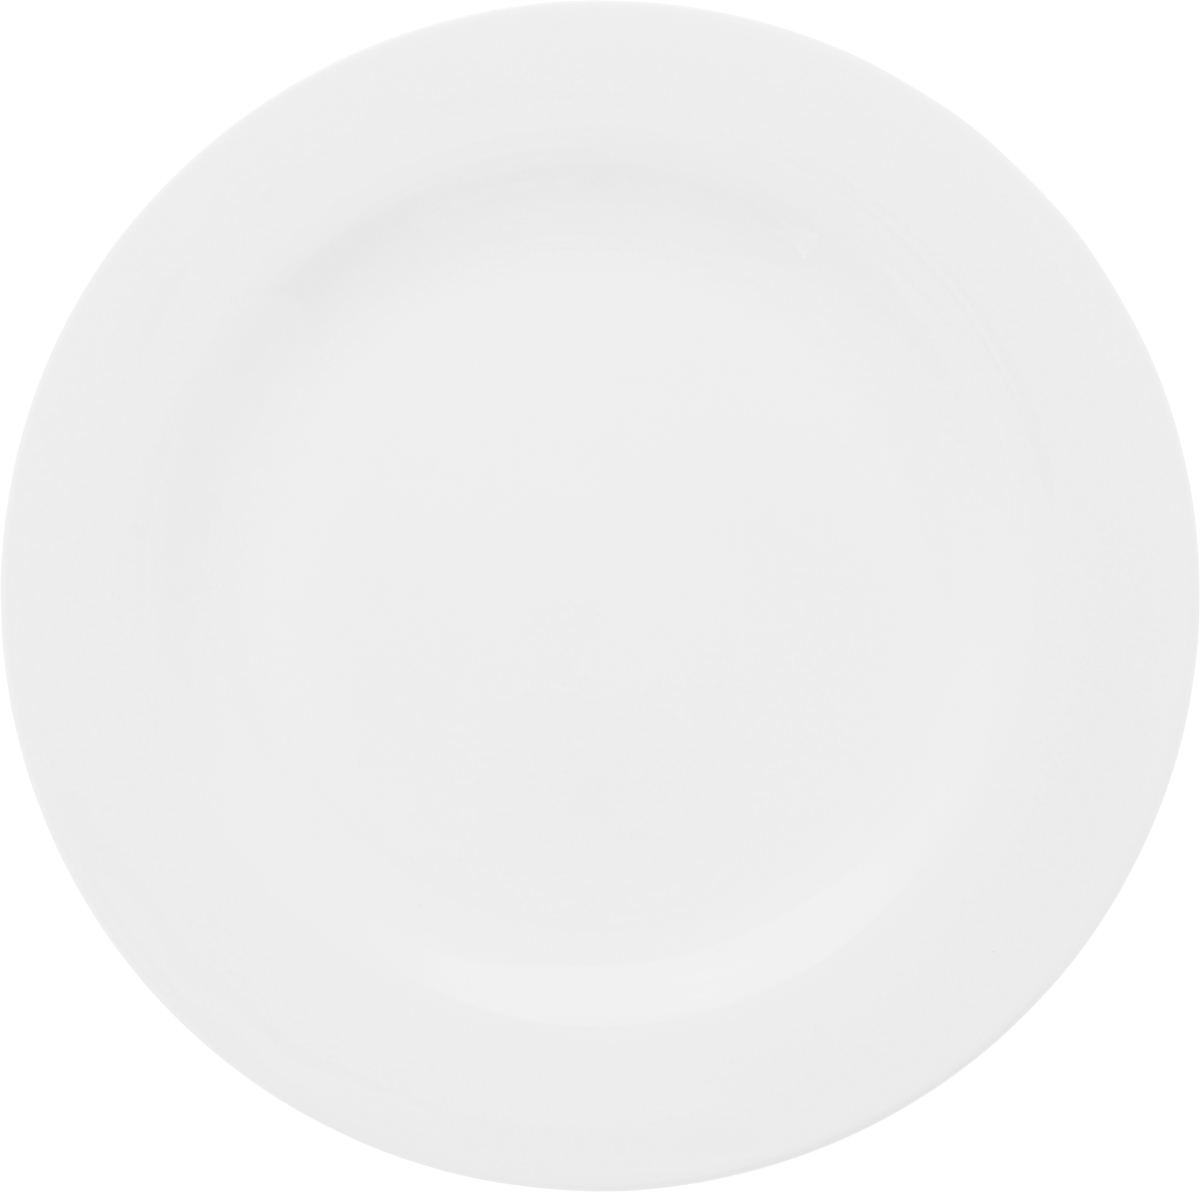 Тарелка обеденная Luminarc Evolution Peps, диаметр 25 см тарелка обеденная luminarc green ode 25 см